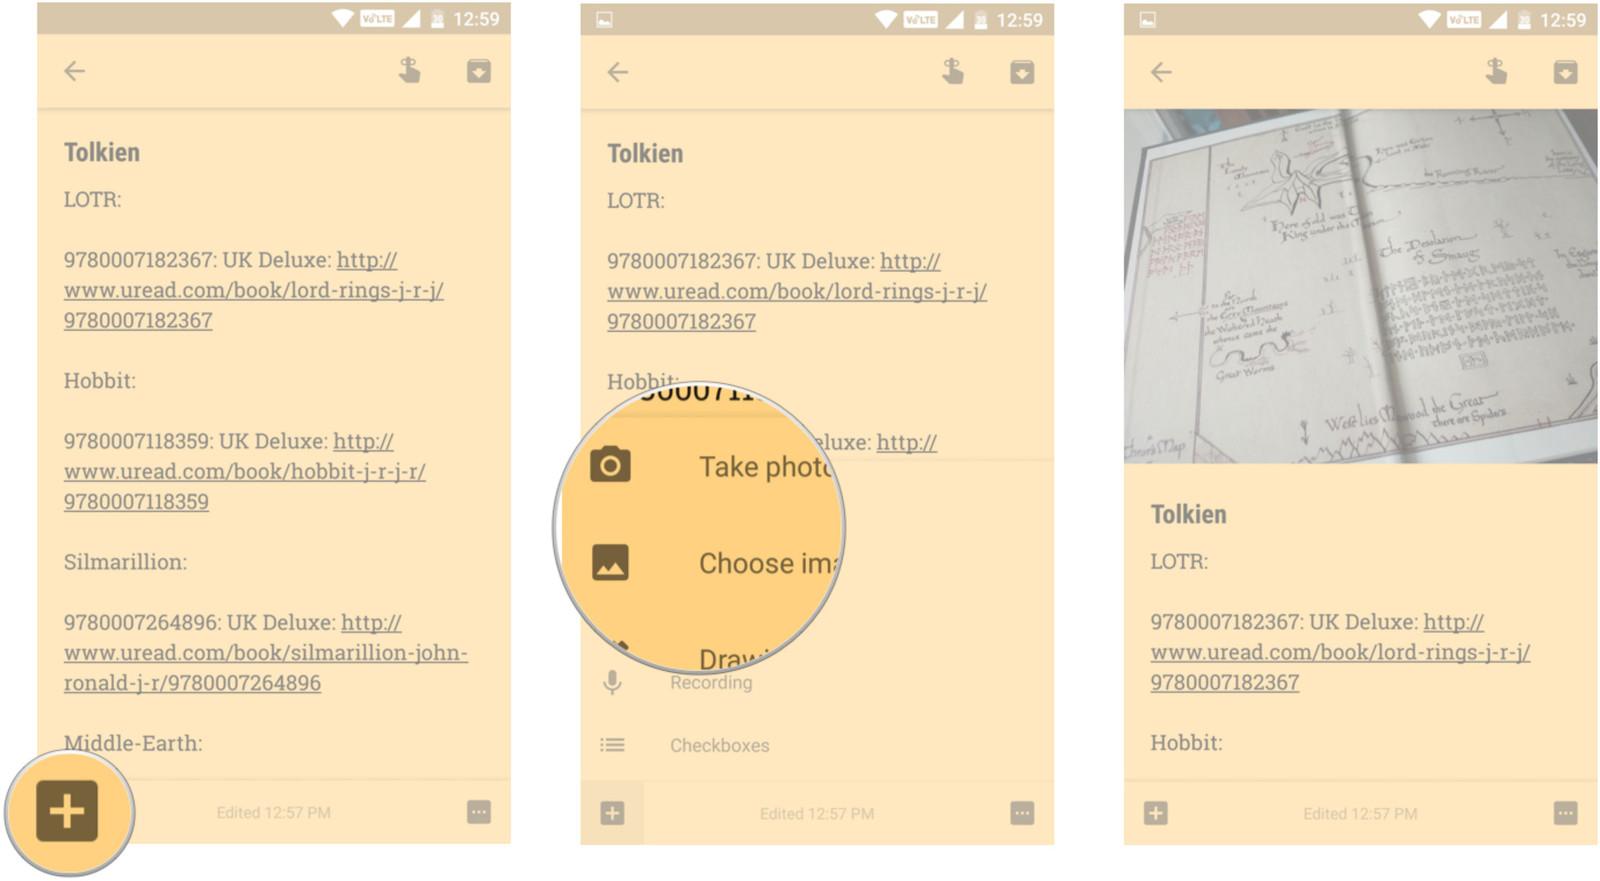 google-keep-instrukciya-po-ispolzovaniyu-kak-dobavit-foto